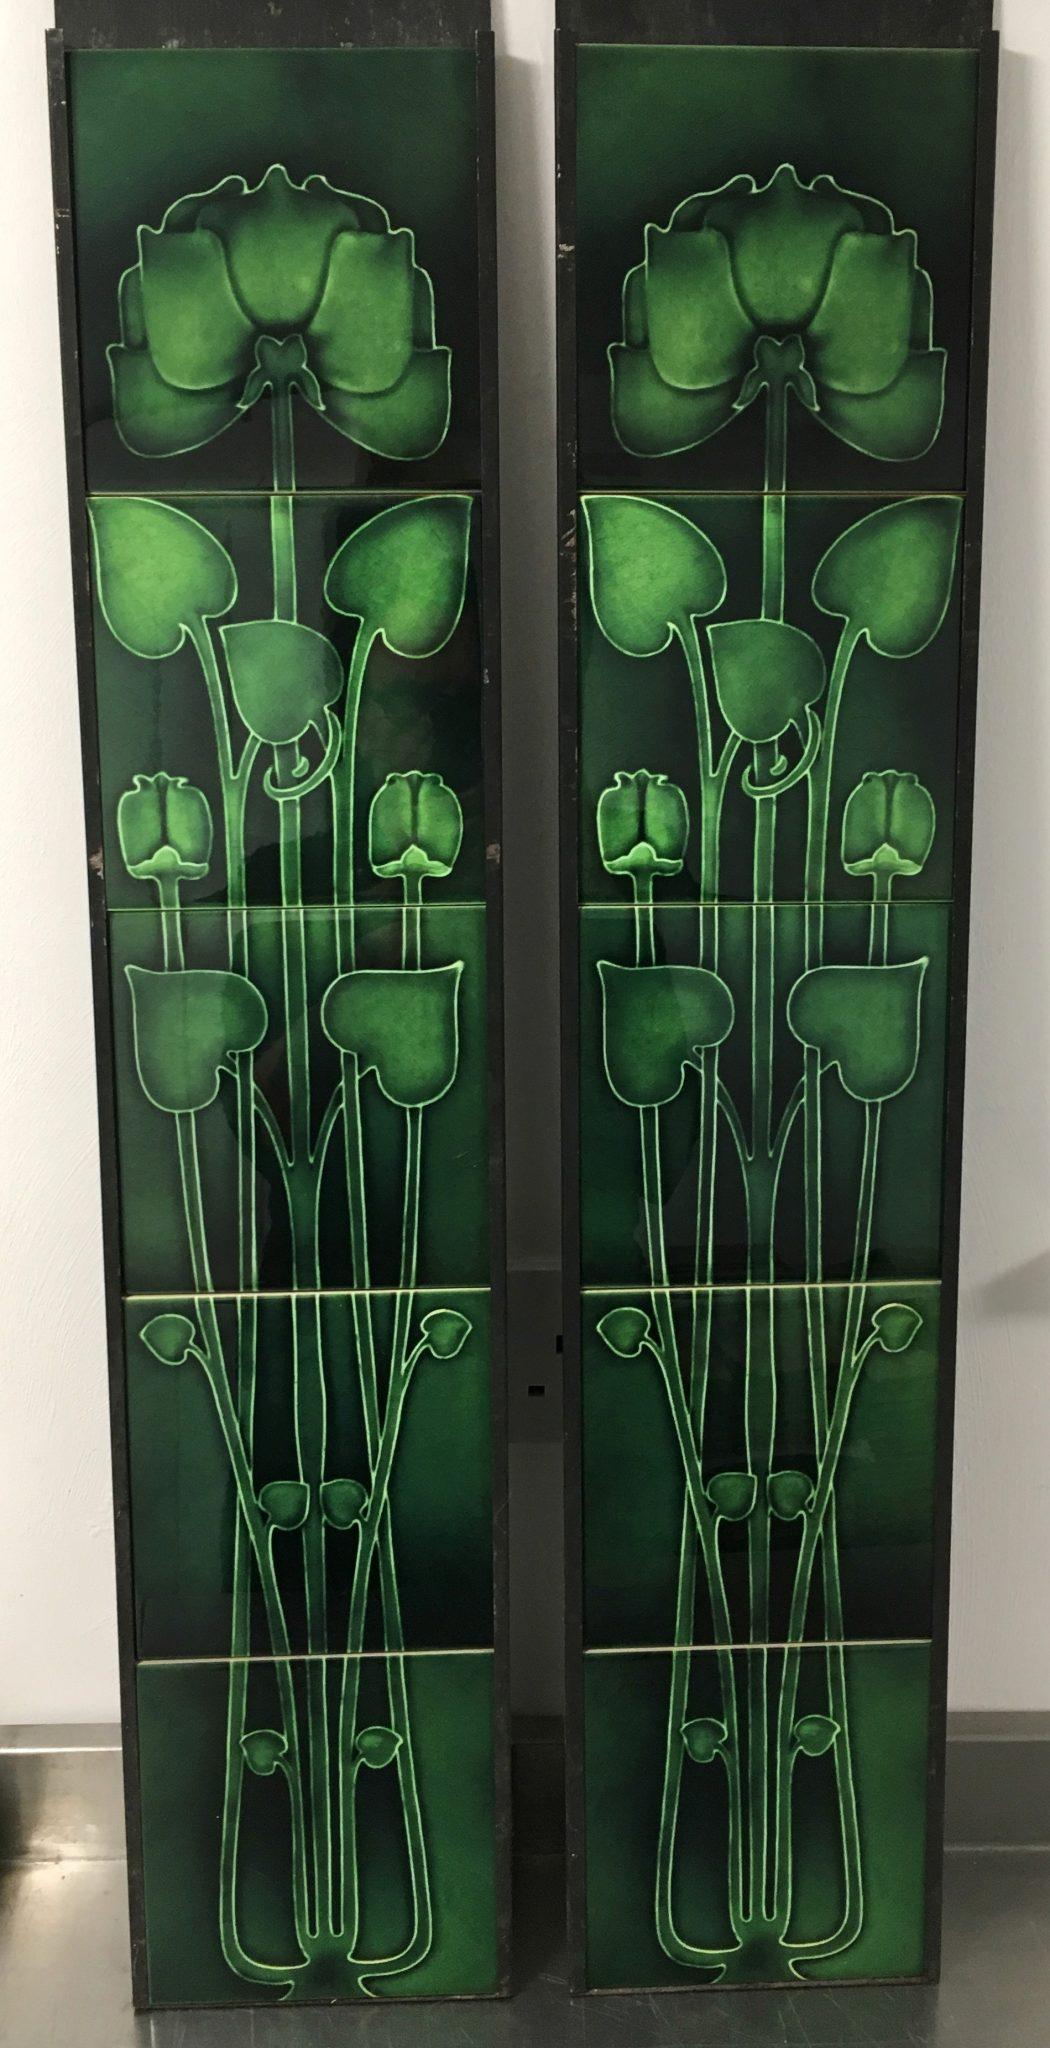 Gas or Decorative Green Art Nouveau Fireplace Tiles Set ref 144 set